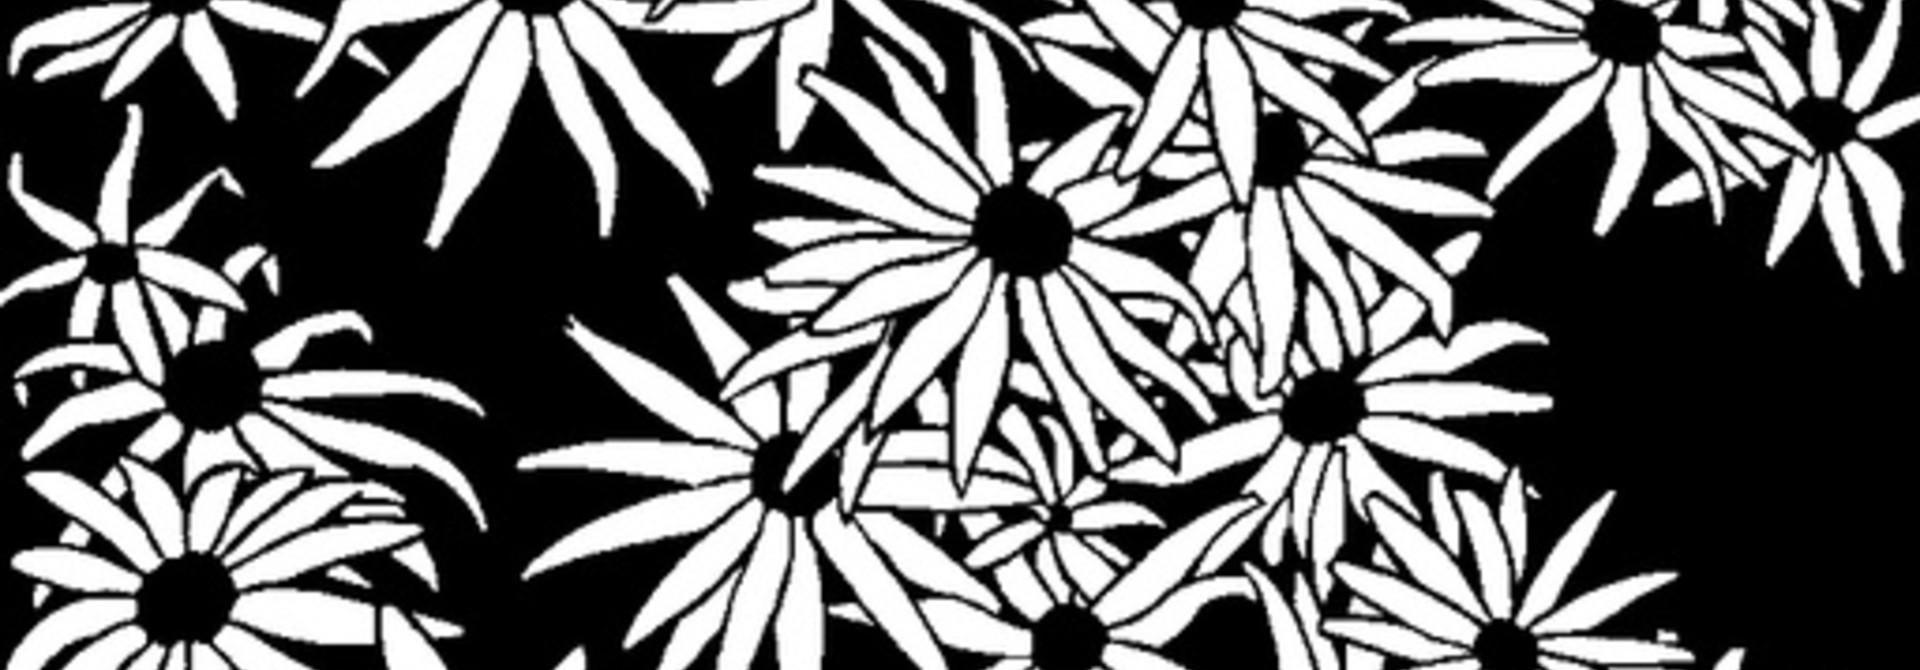 Flowers (Rudbeckia)